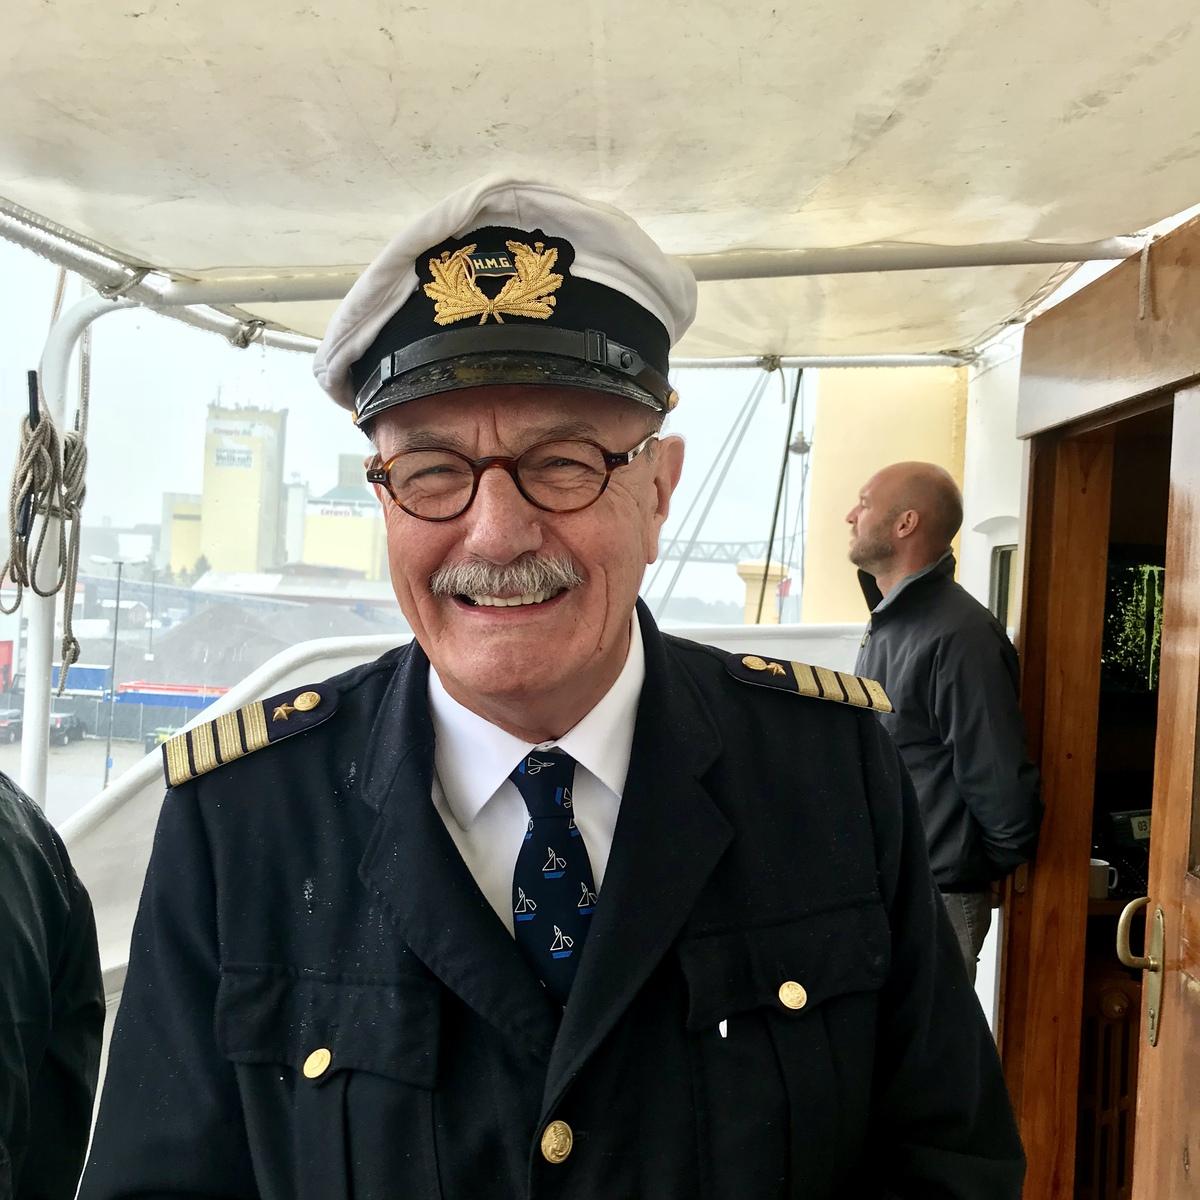 Kapitän Michael Nicolaysen